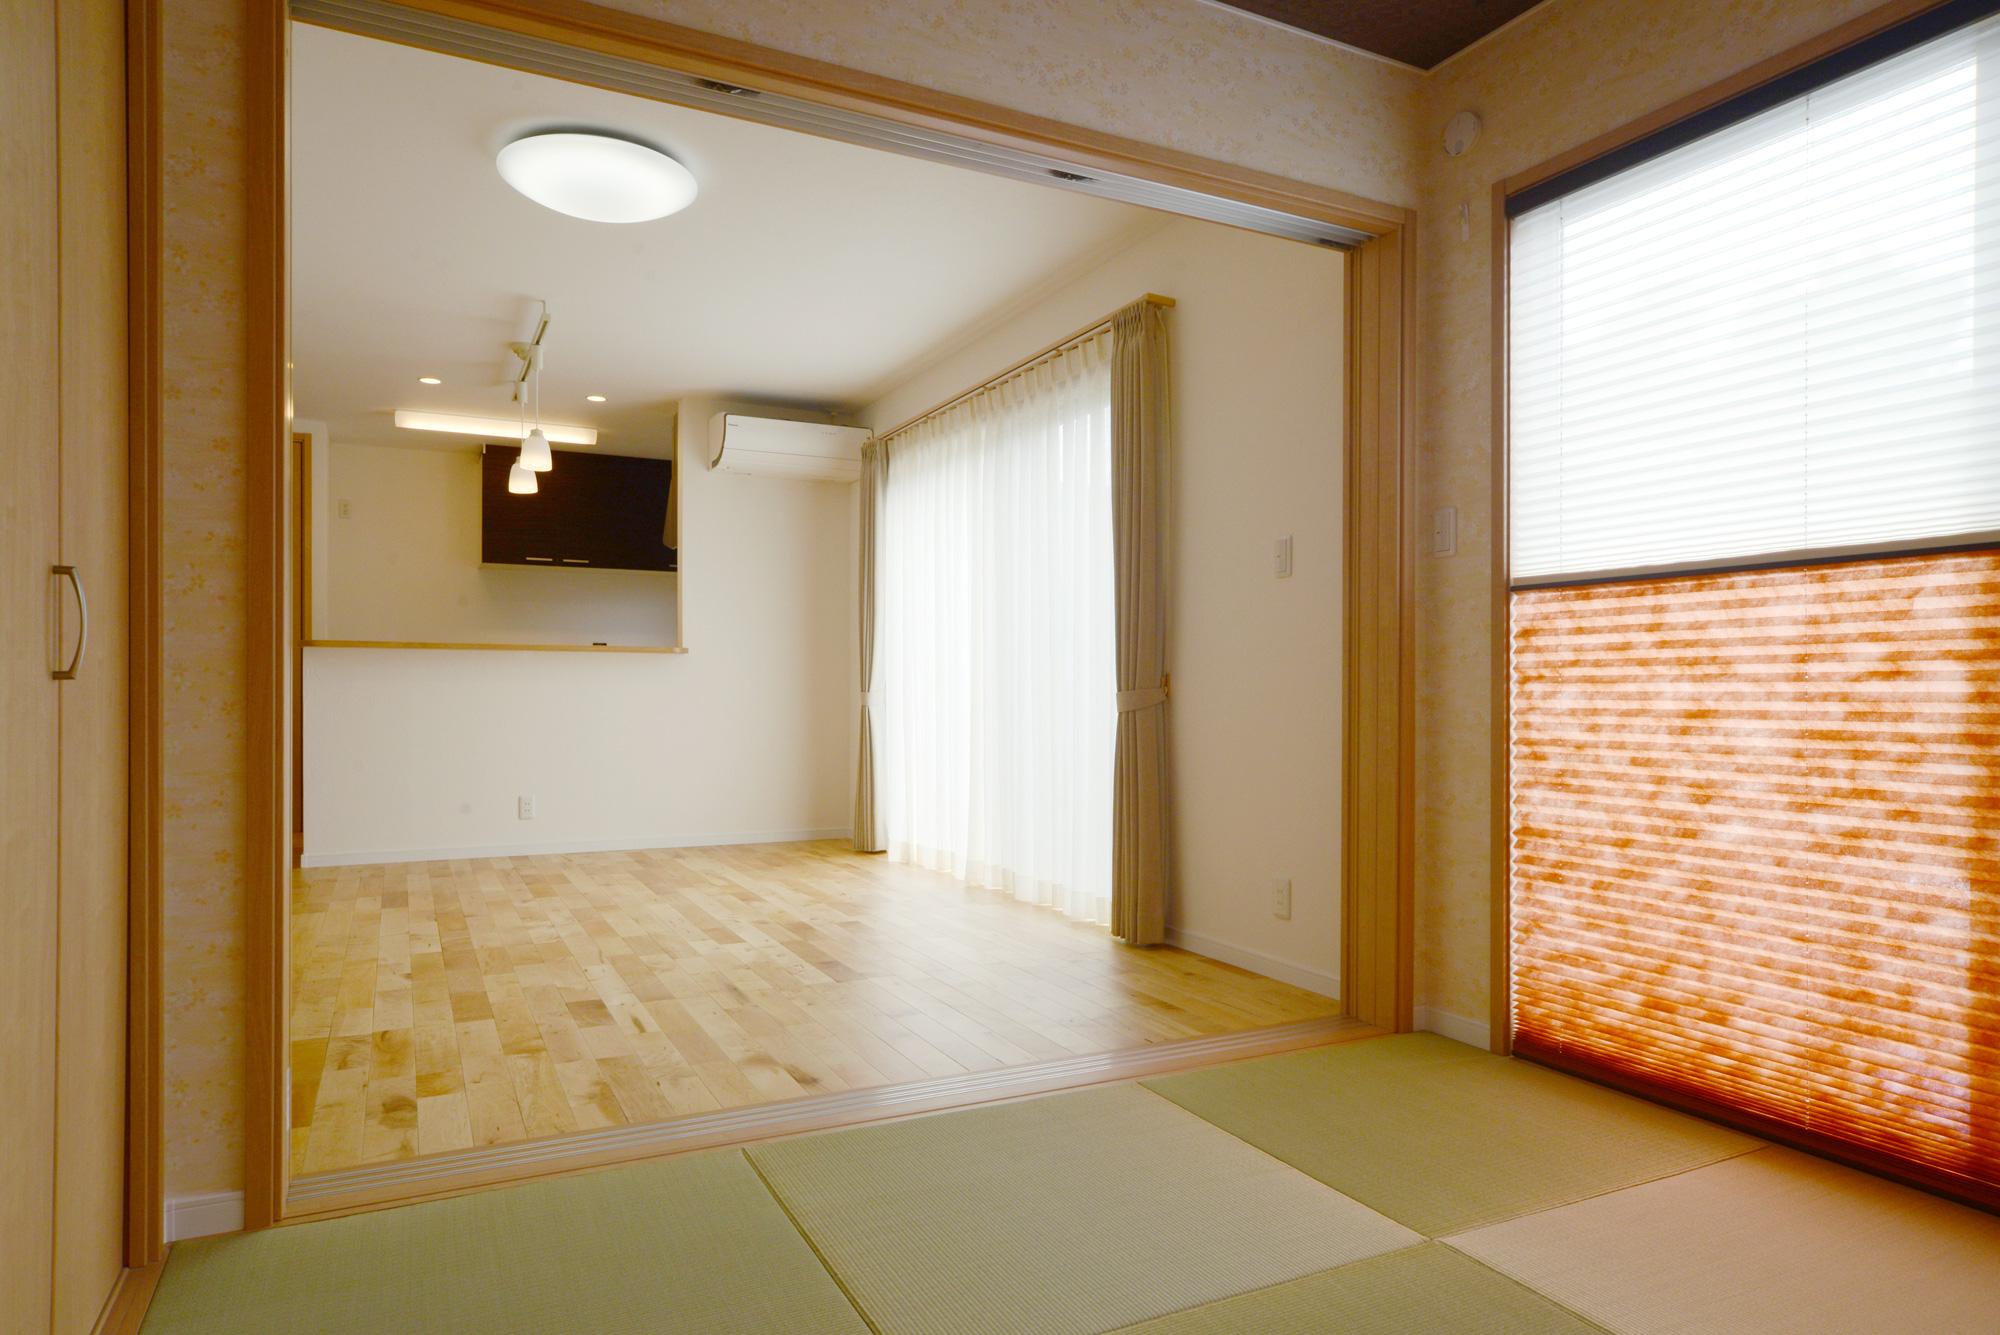 和室:モダンな和室は客間としてもリビングの続き間としても利用でき、和の心を思い起こします。